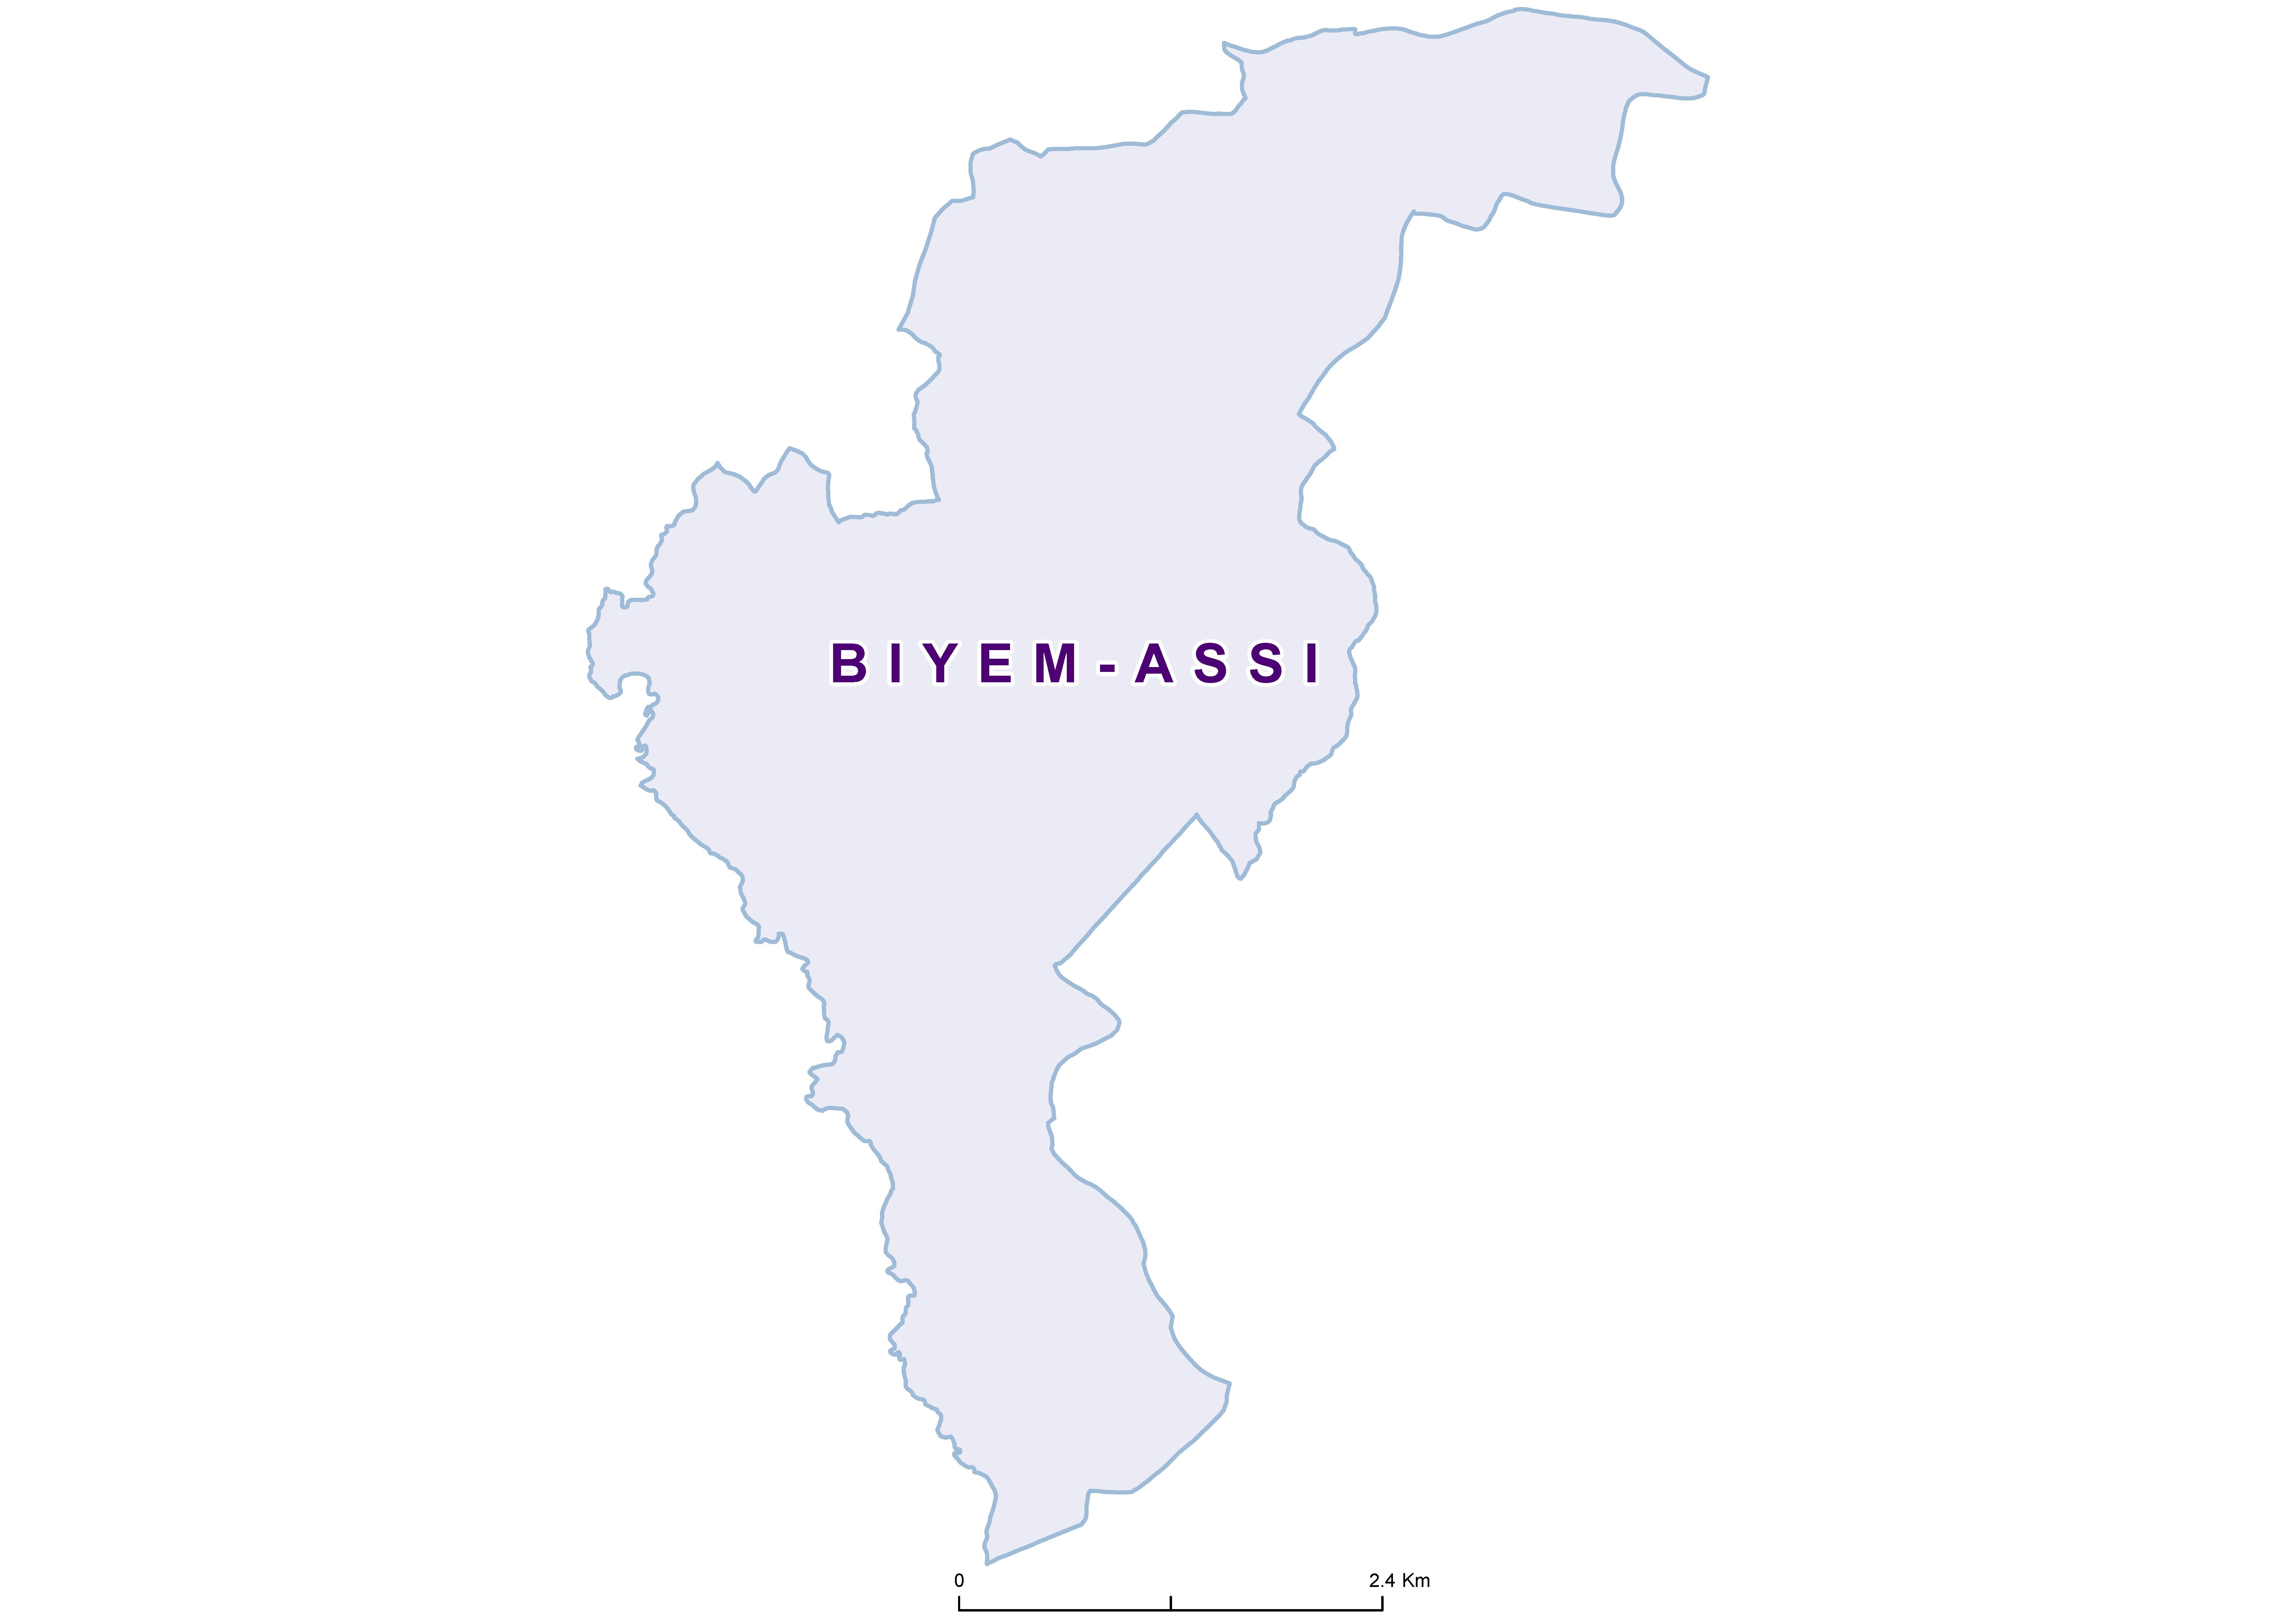 Biyem-assi Mean SCH 19850001